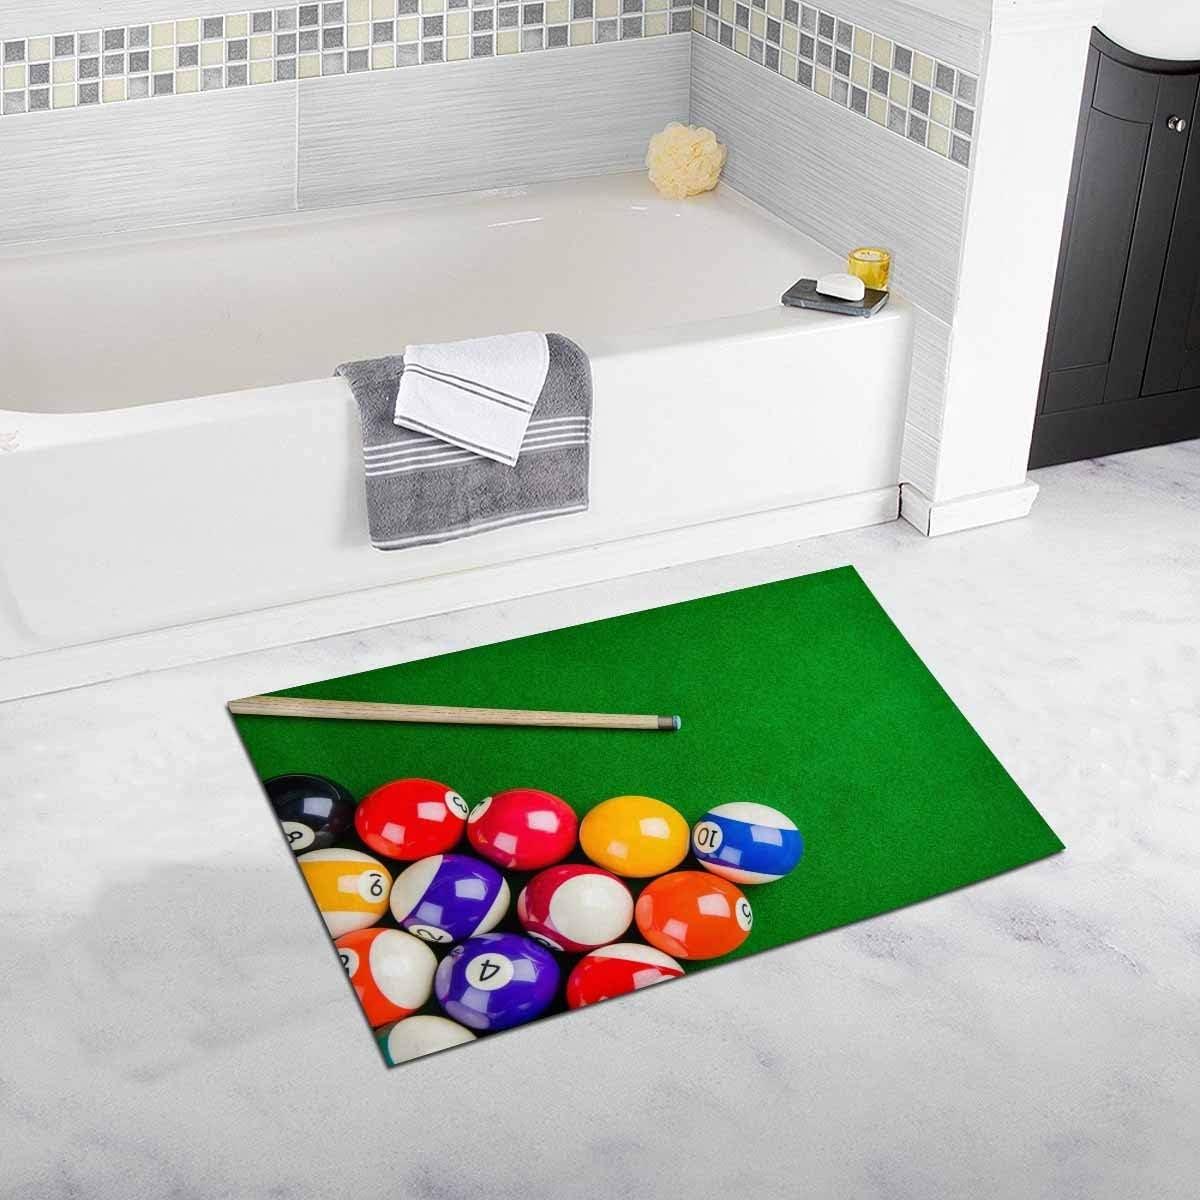 Soefipok Bolas de Billar con Billar Taco Juego de Billar Snooker Decoración para el hogar Alfombras de baño Antideslizantes Alfombras Absorbente Alfombra de Ducha para baño Bañera Dormitorio: Amazon.es: Hogar